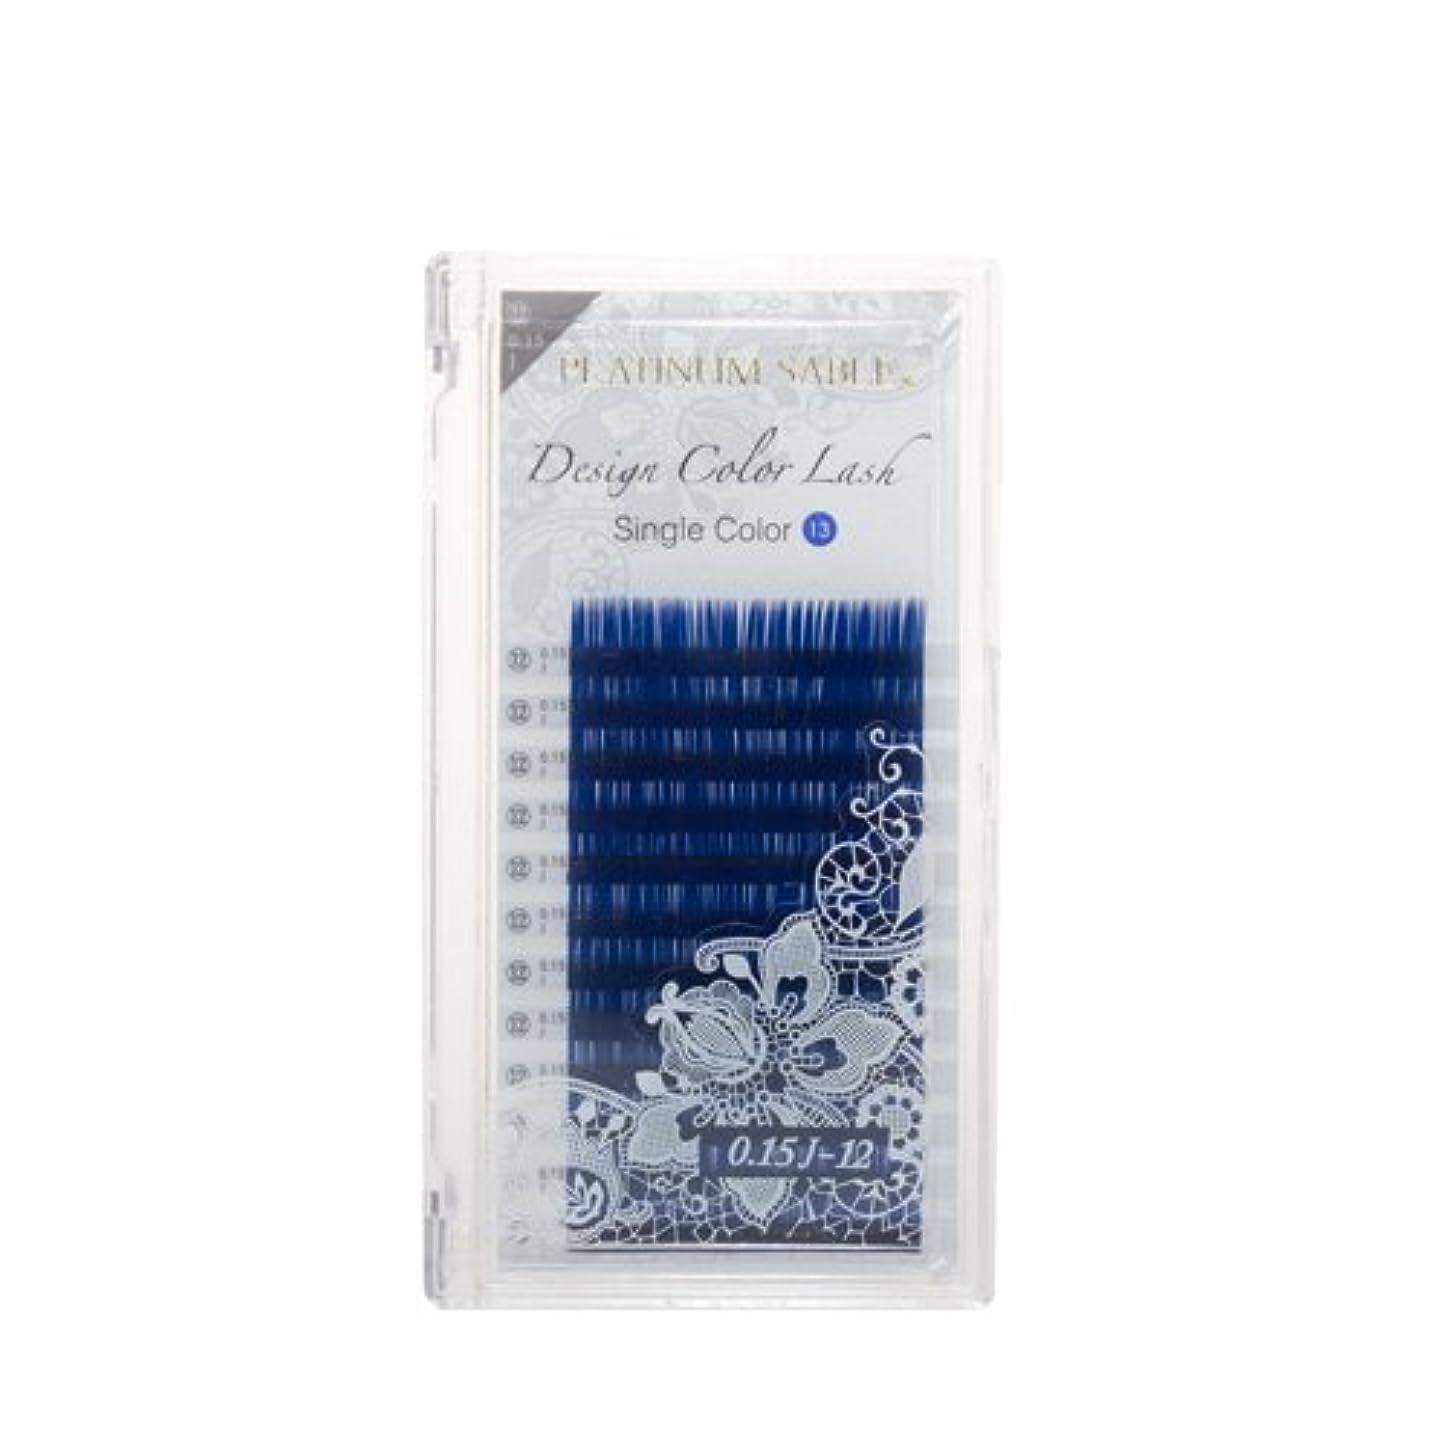 傾向があるホームレス植物学者プラチナセーブルデザインカラー0.15mmC8mmロイヤルブルー